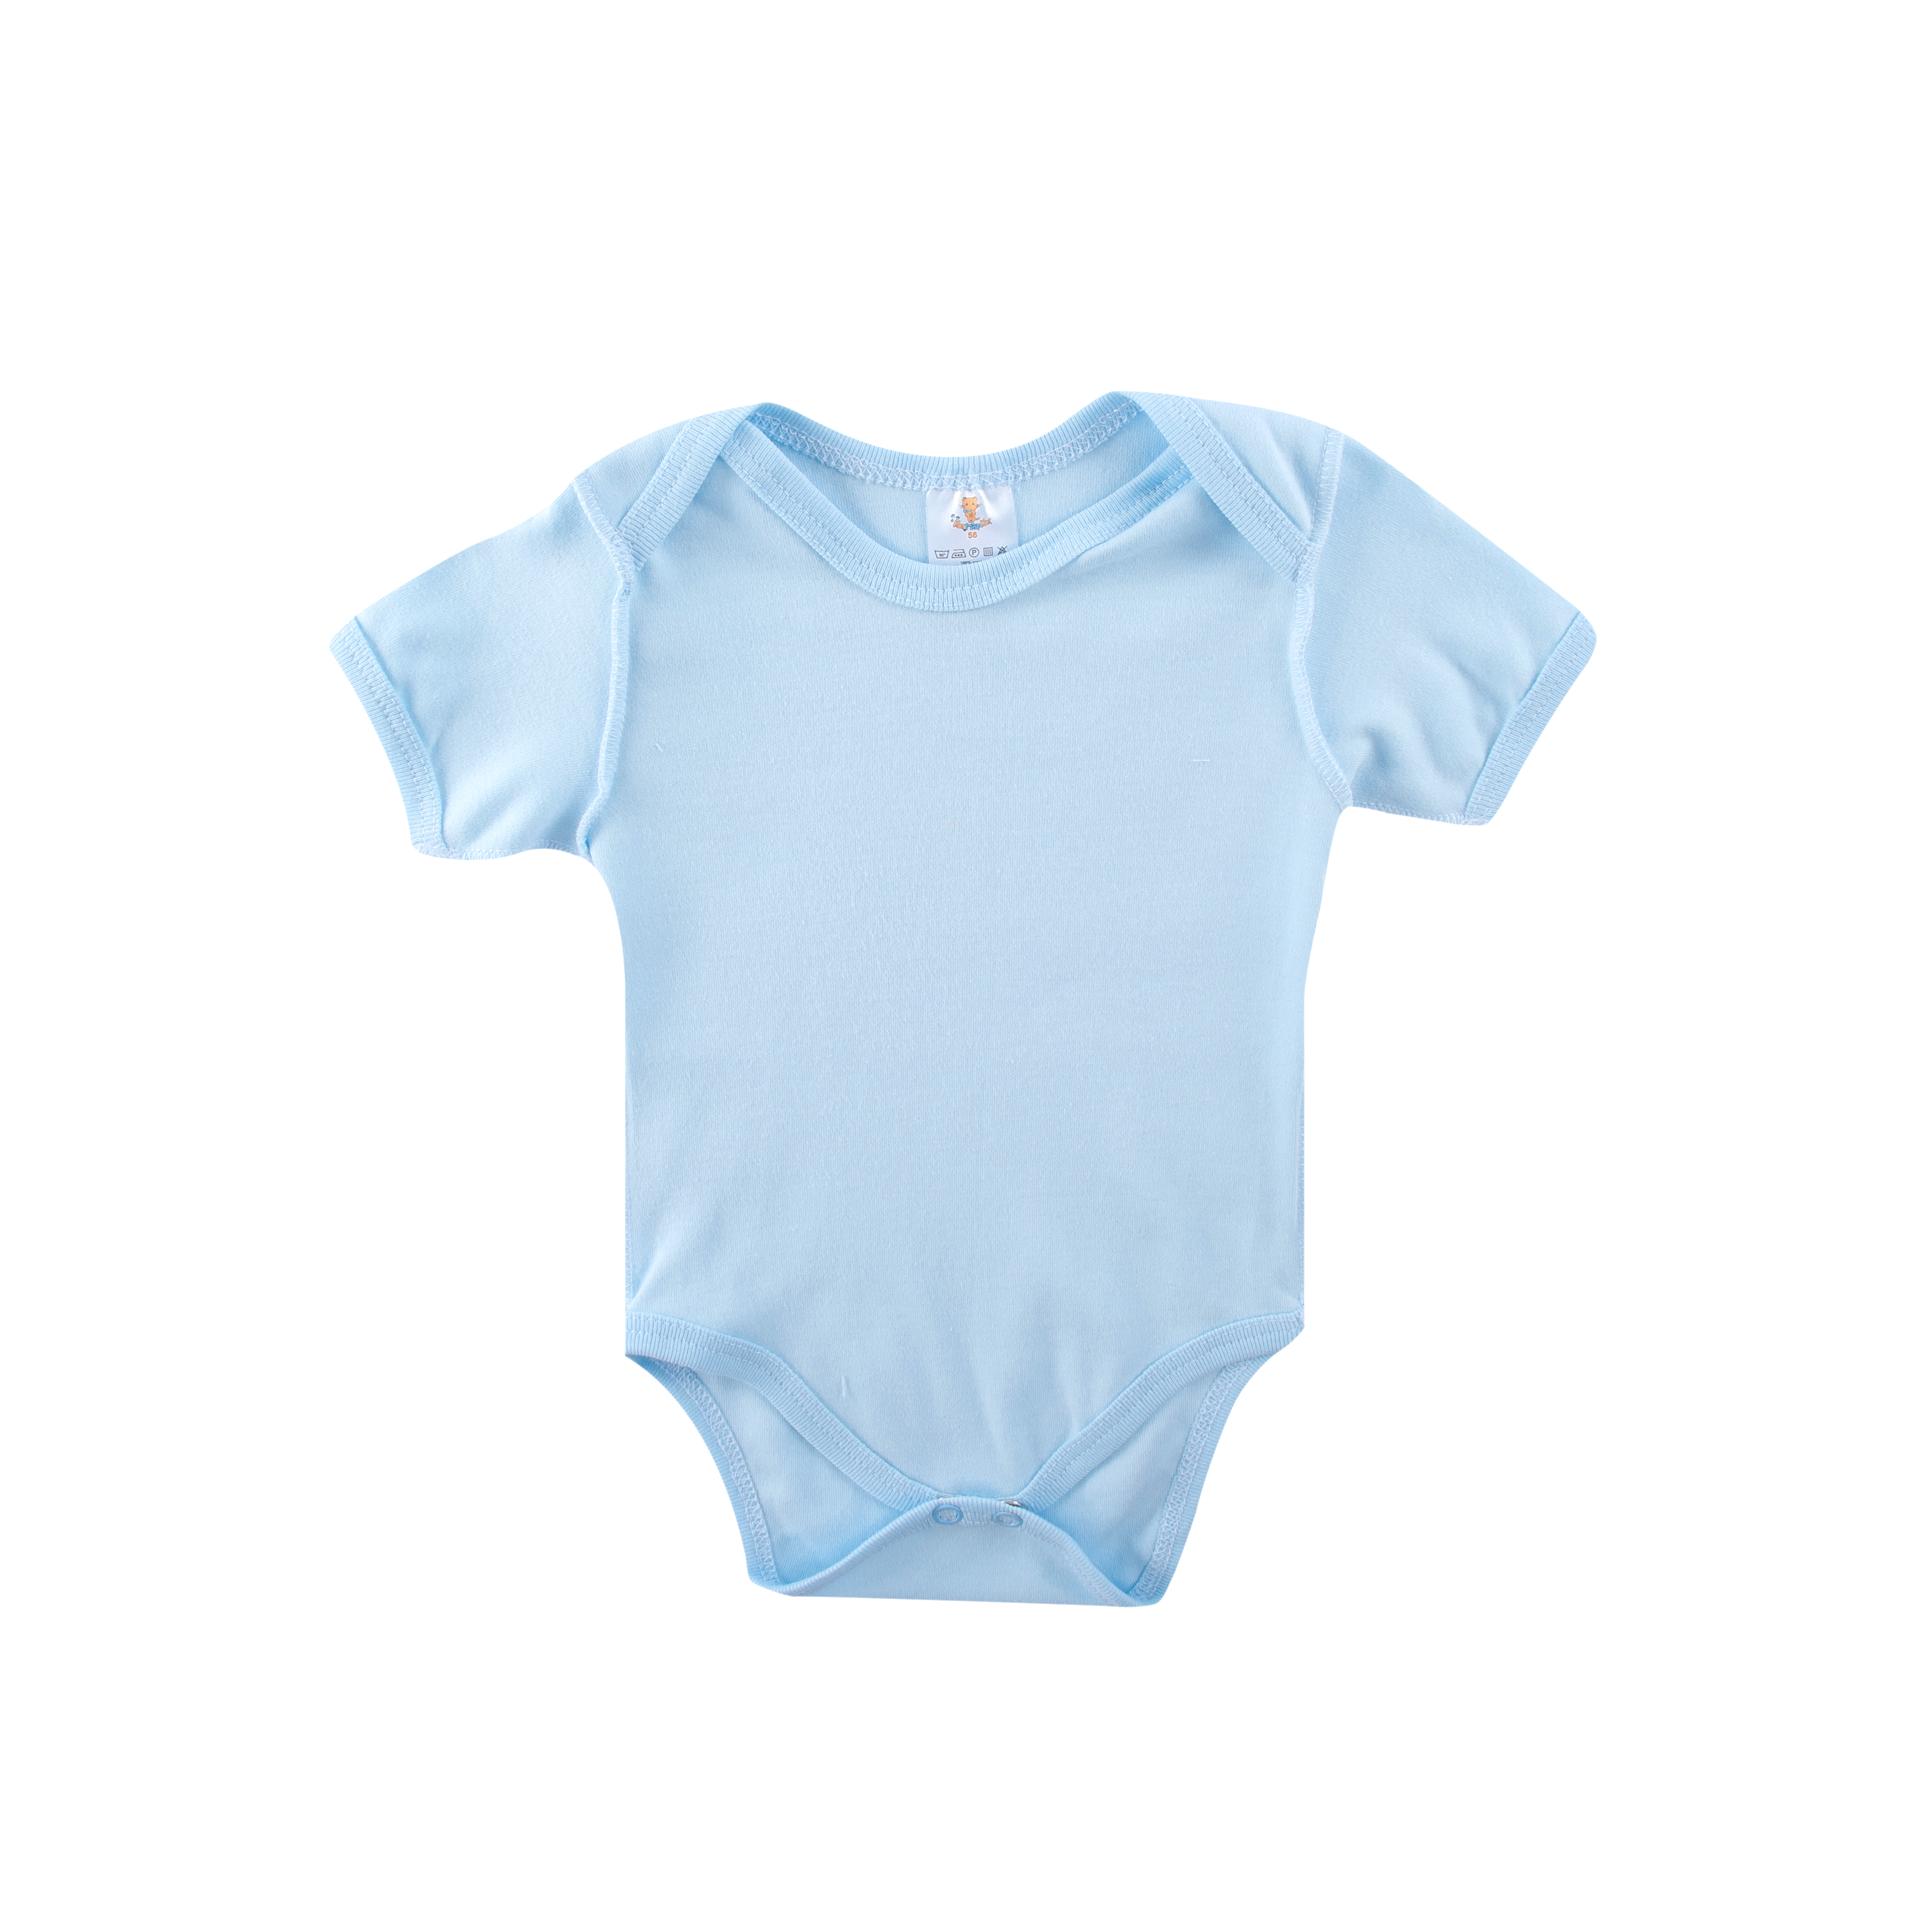 Боди без рукава КОТМАРКОТ для мальчика, цвет голубой 1 год (размер 86 см)<br>